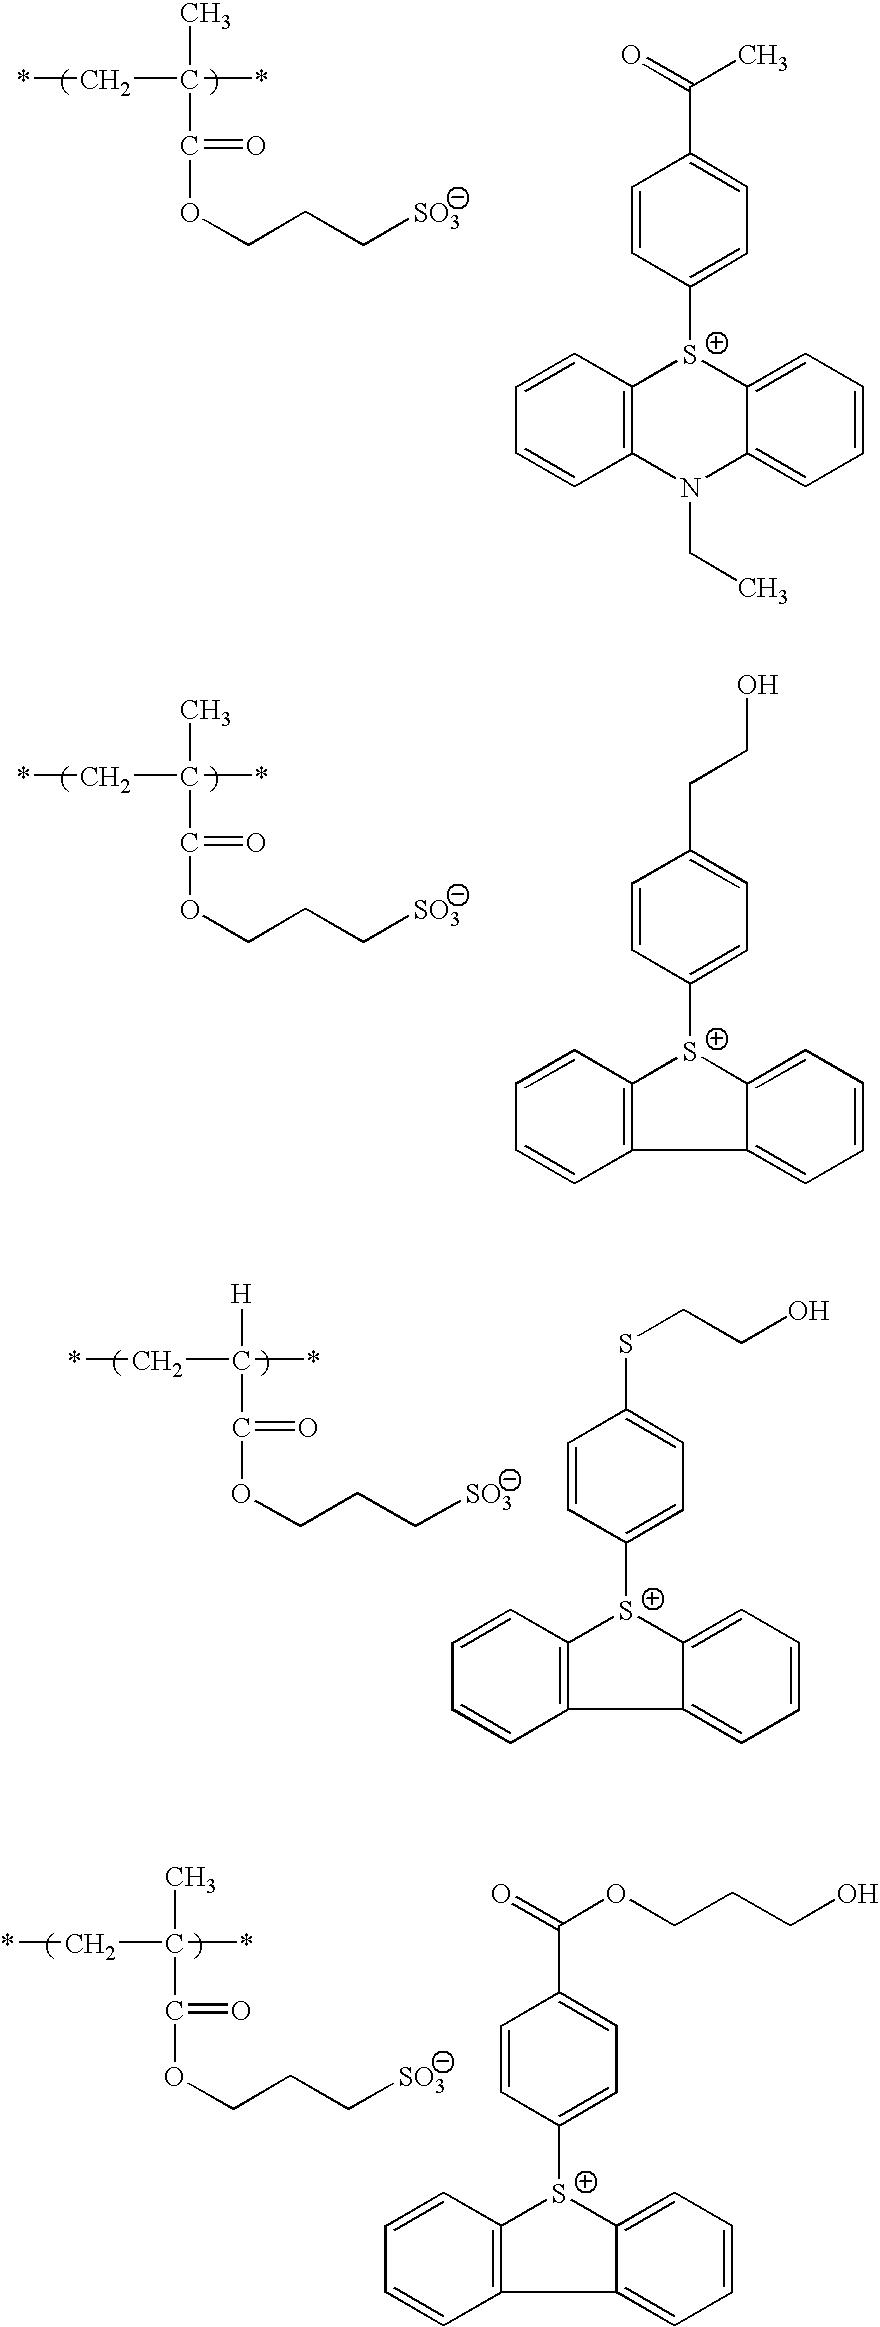 Figure US08852845-20141007-C00062